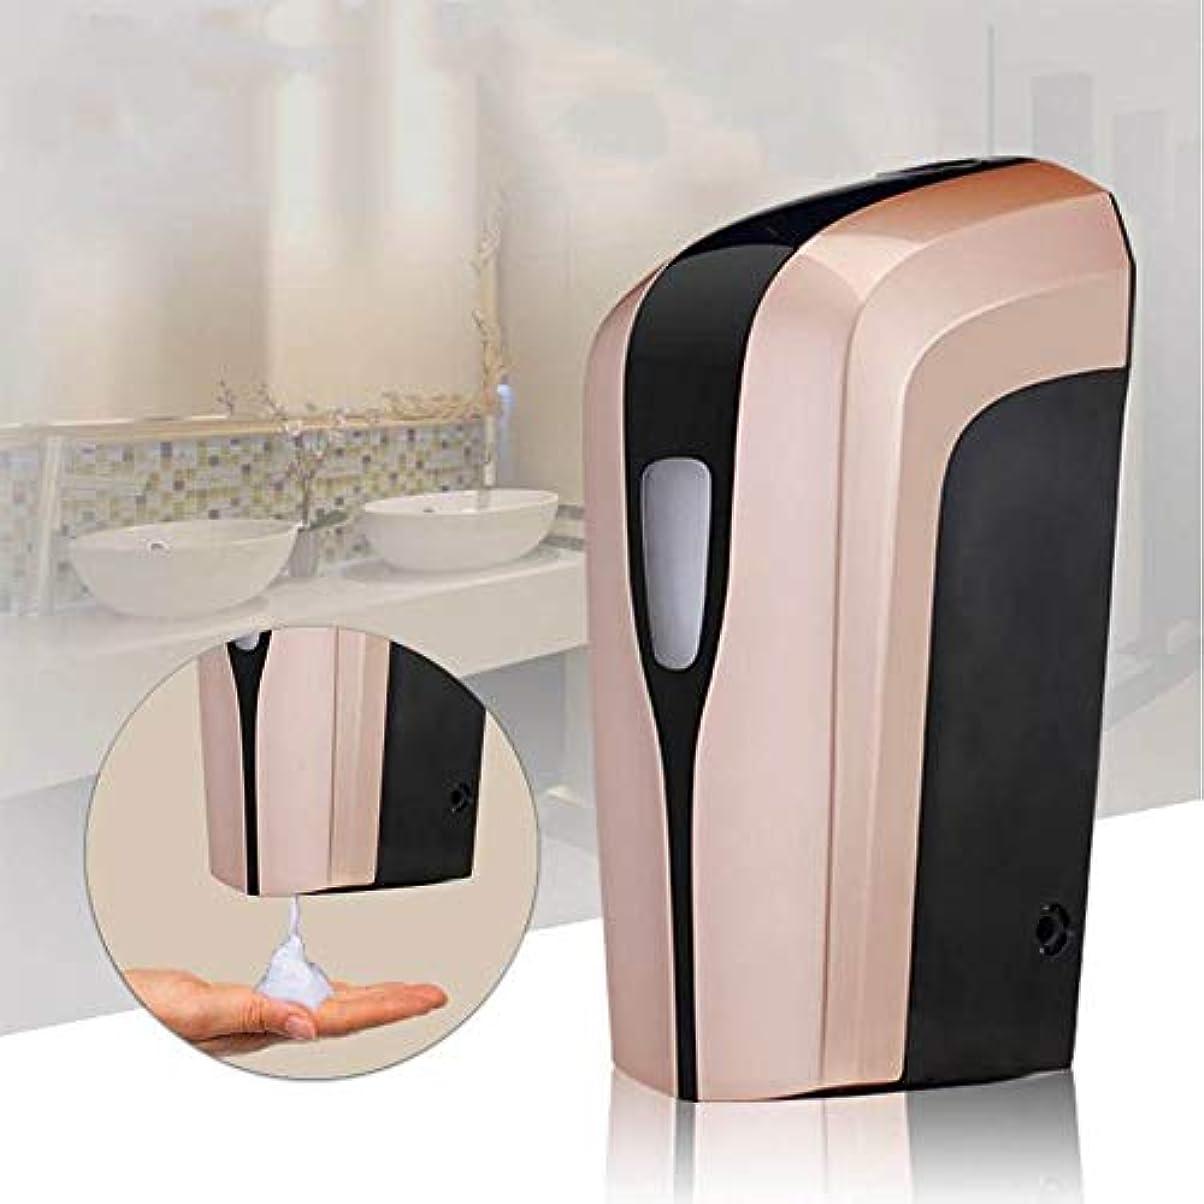 会議場所交換可能ソープディスペンサー 400ミリリットル容量の自動ソープディスペンサー、タッチレスバッテリーは電動ハンドフリーソープディスペンサーを運営しました ハンドソープ 食器用洗剤 キッチン 洗面所などに適用 (Color : Local gold, Size : One size)